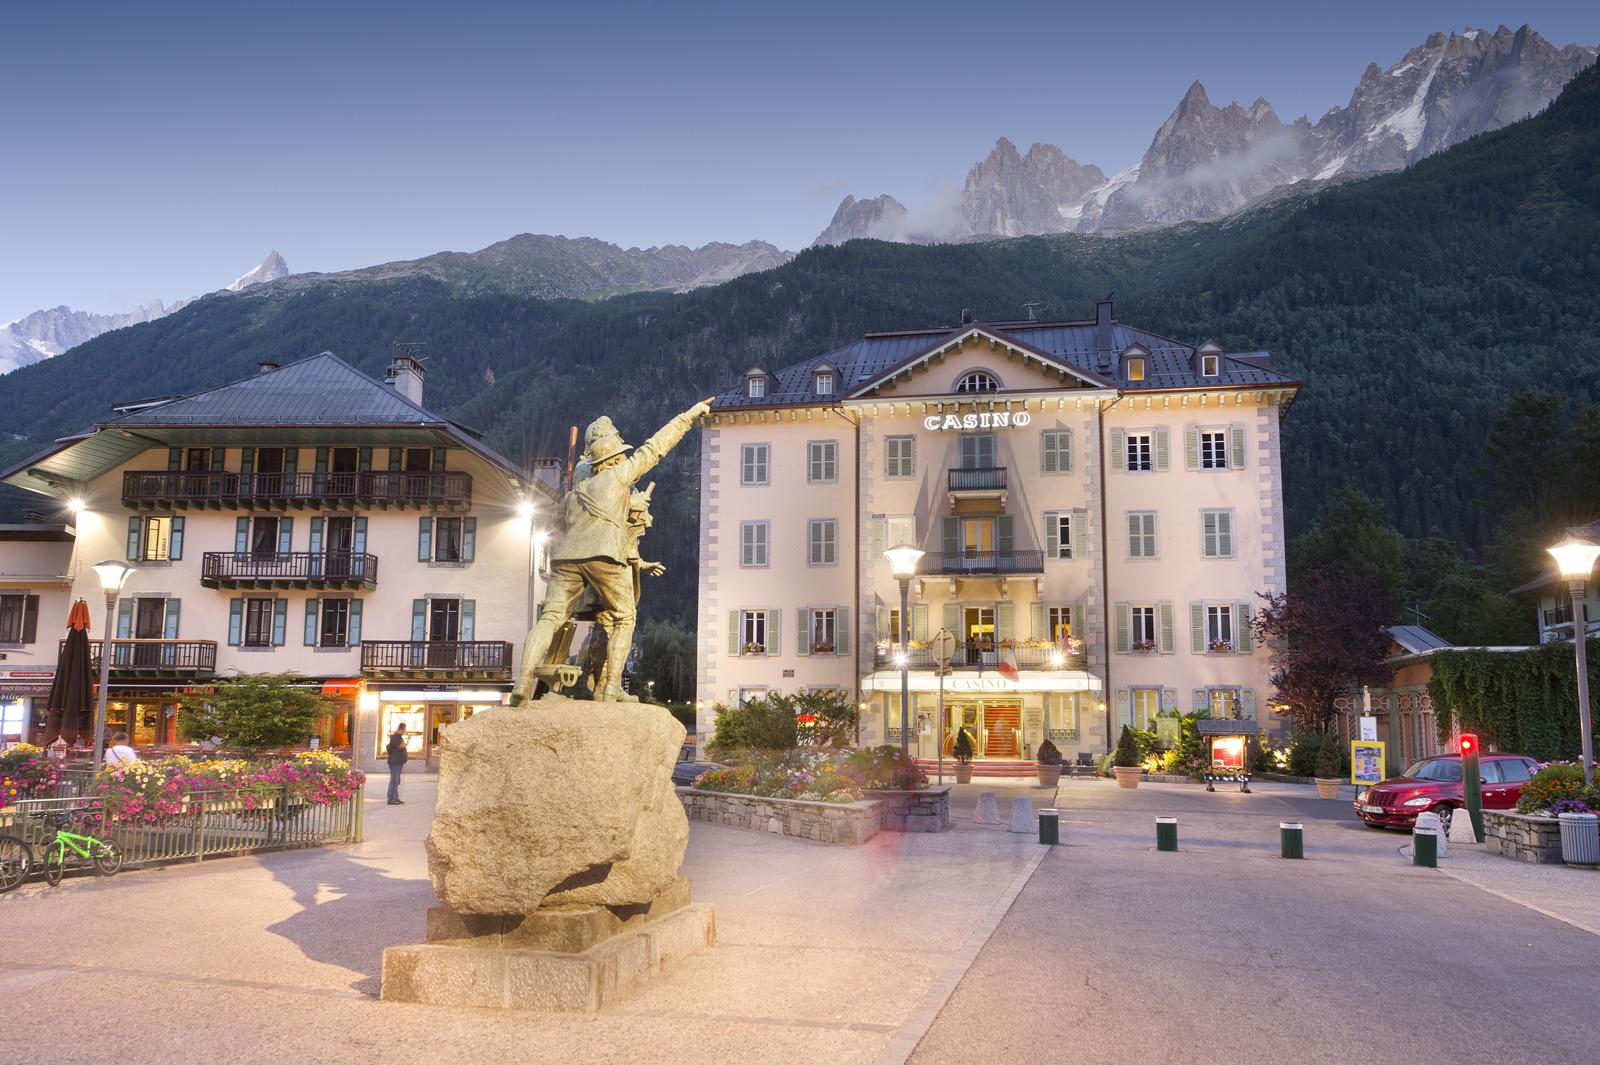 Vacances Eté 2018 à Chamonix